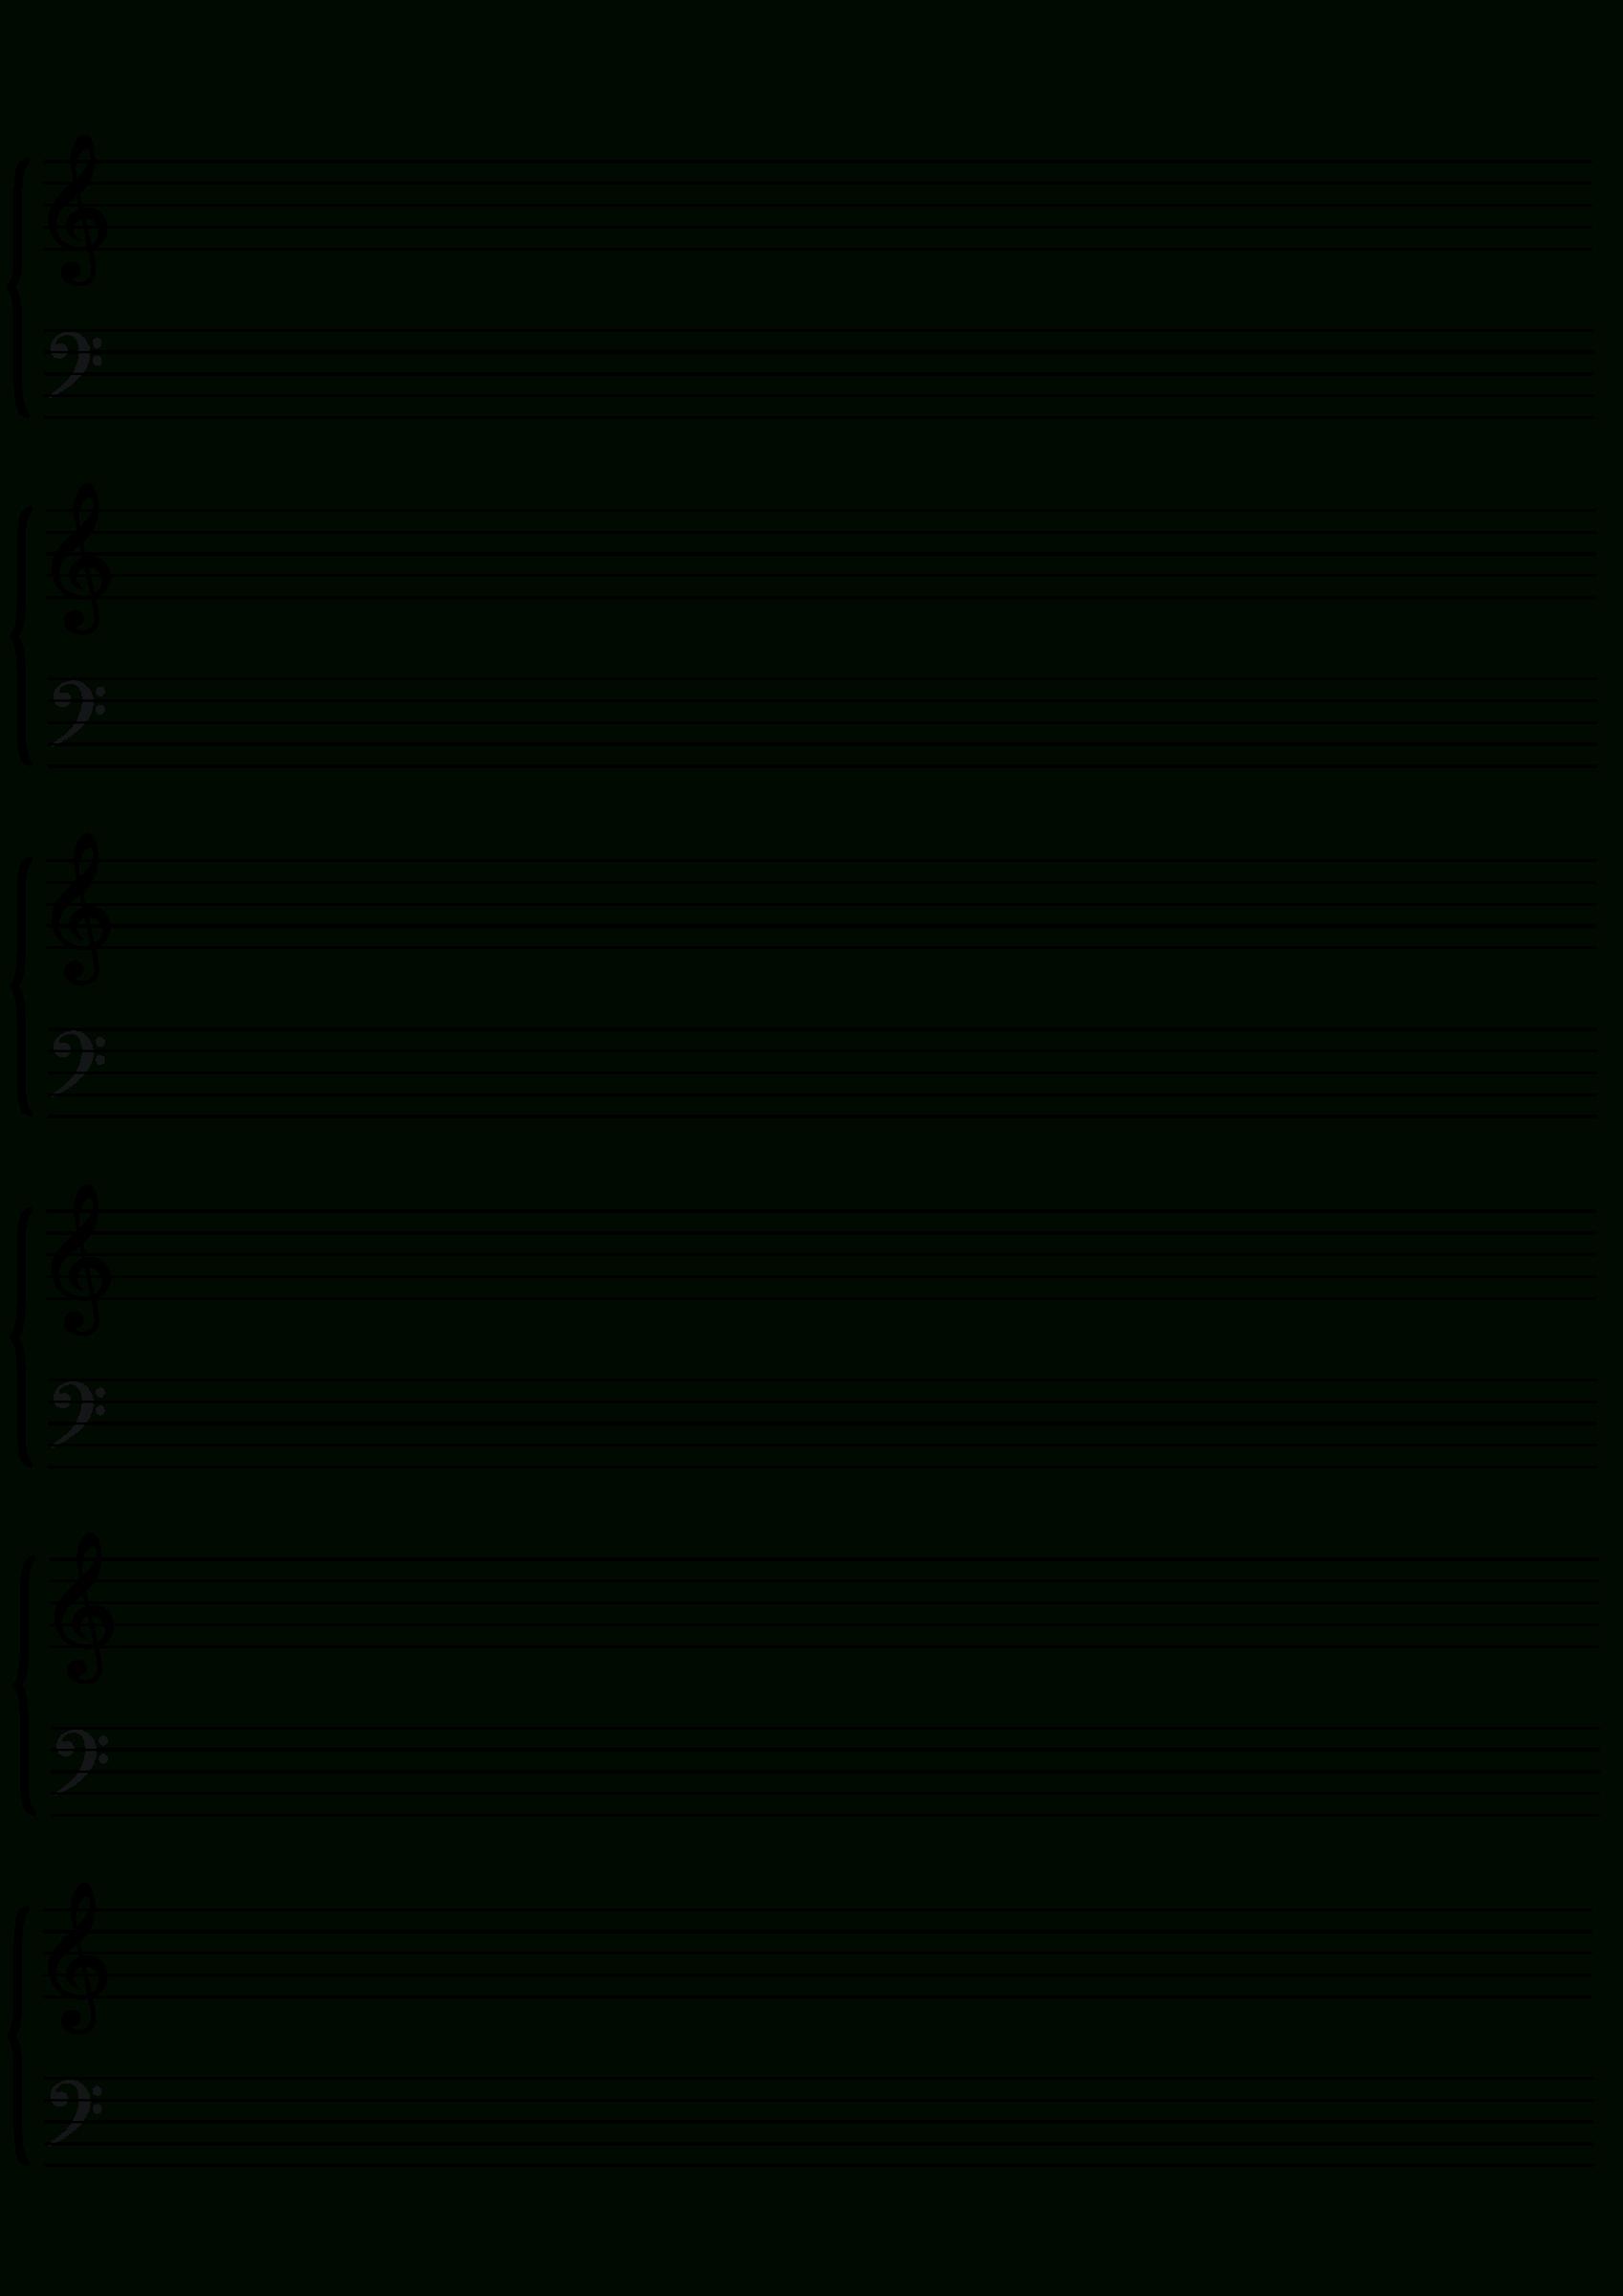 Blank Sheet Music Png & Free Blank Sheet Music Transparent - Free Printable Blank Sheet Music